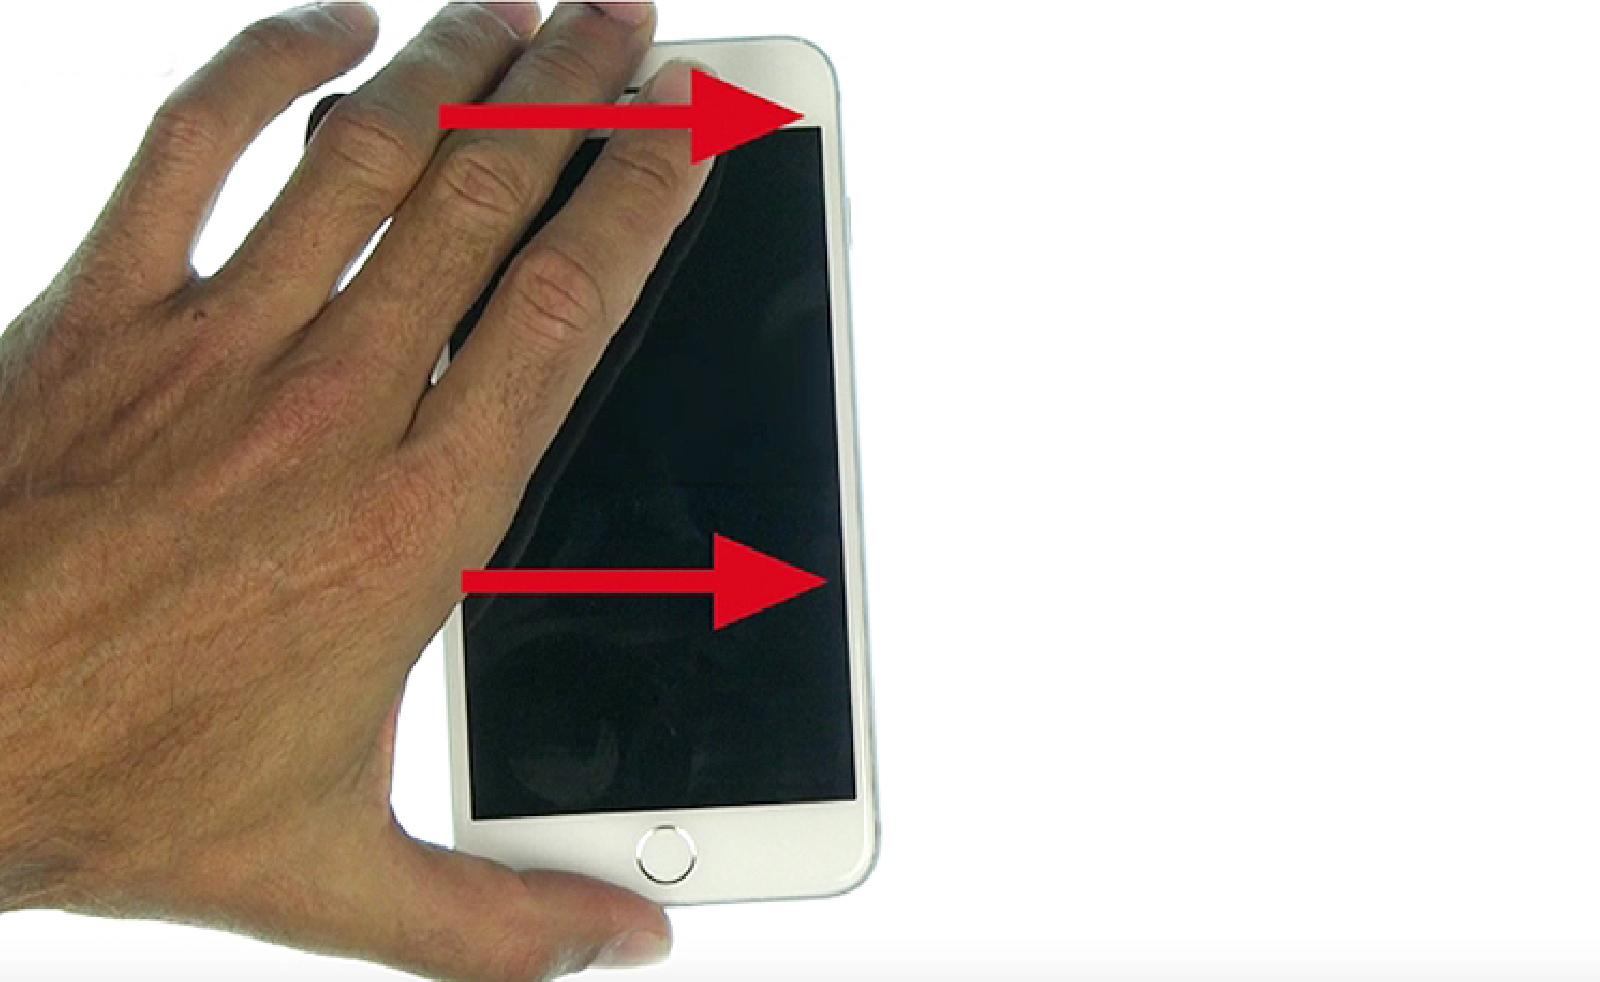 Etape 4 : Ouverture de l'écran